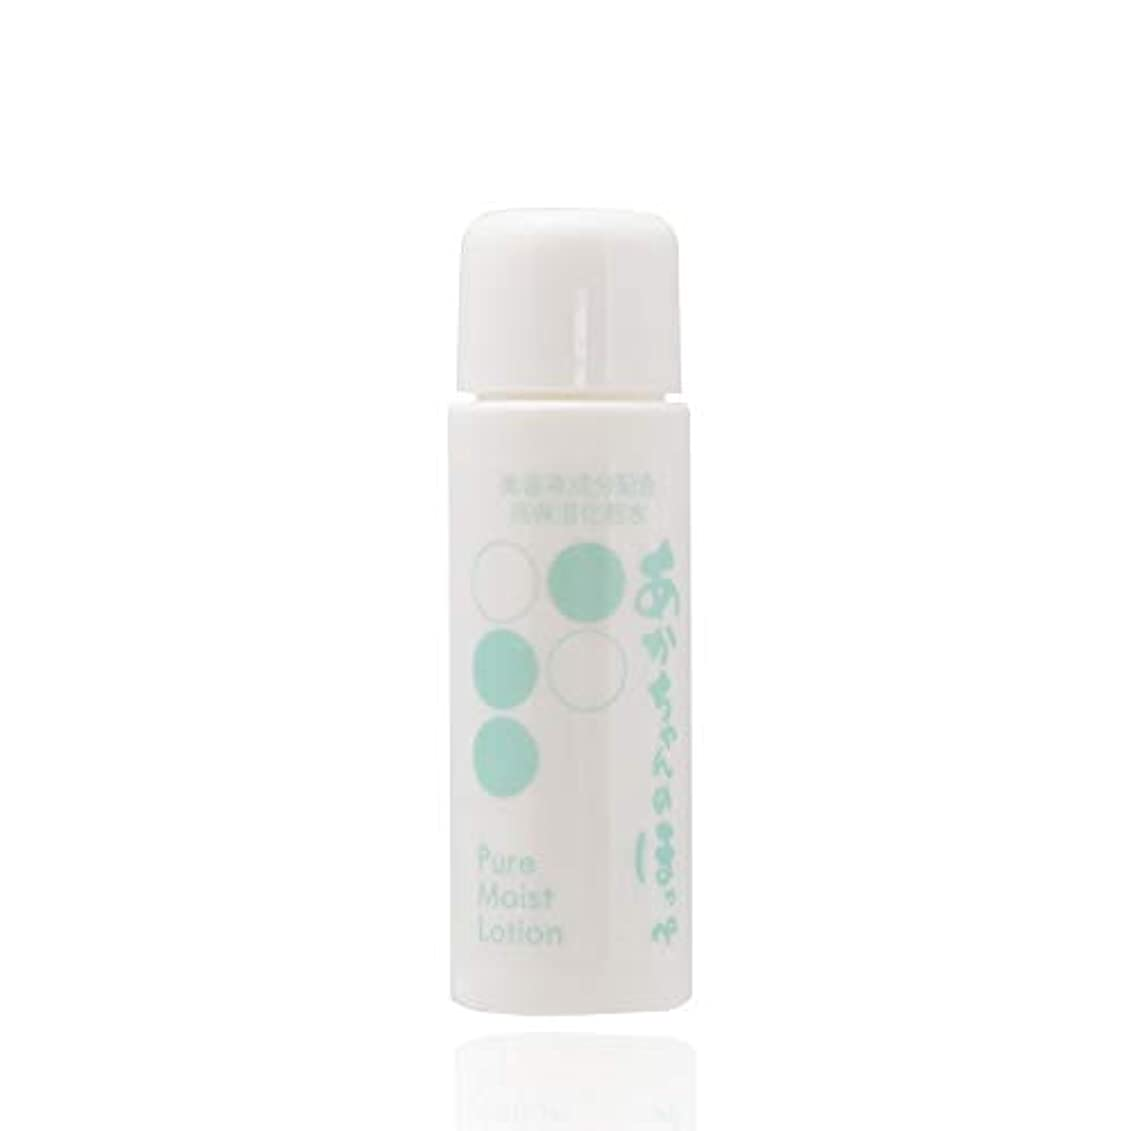 作業ギネス非効率的な美容液からつくった高保湿栄養化粧水 「あかちゃんのほっぺ」 PureMoist 20ml 明日のお肌が好きになる化粧水